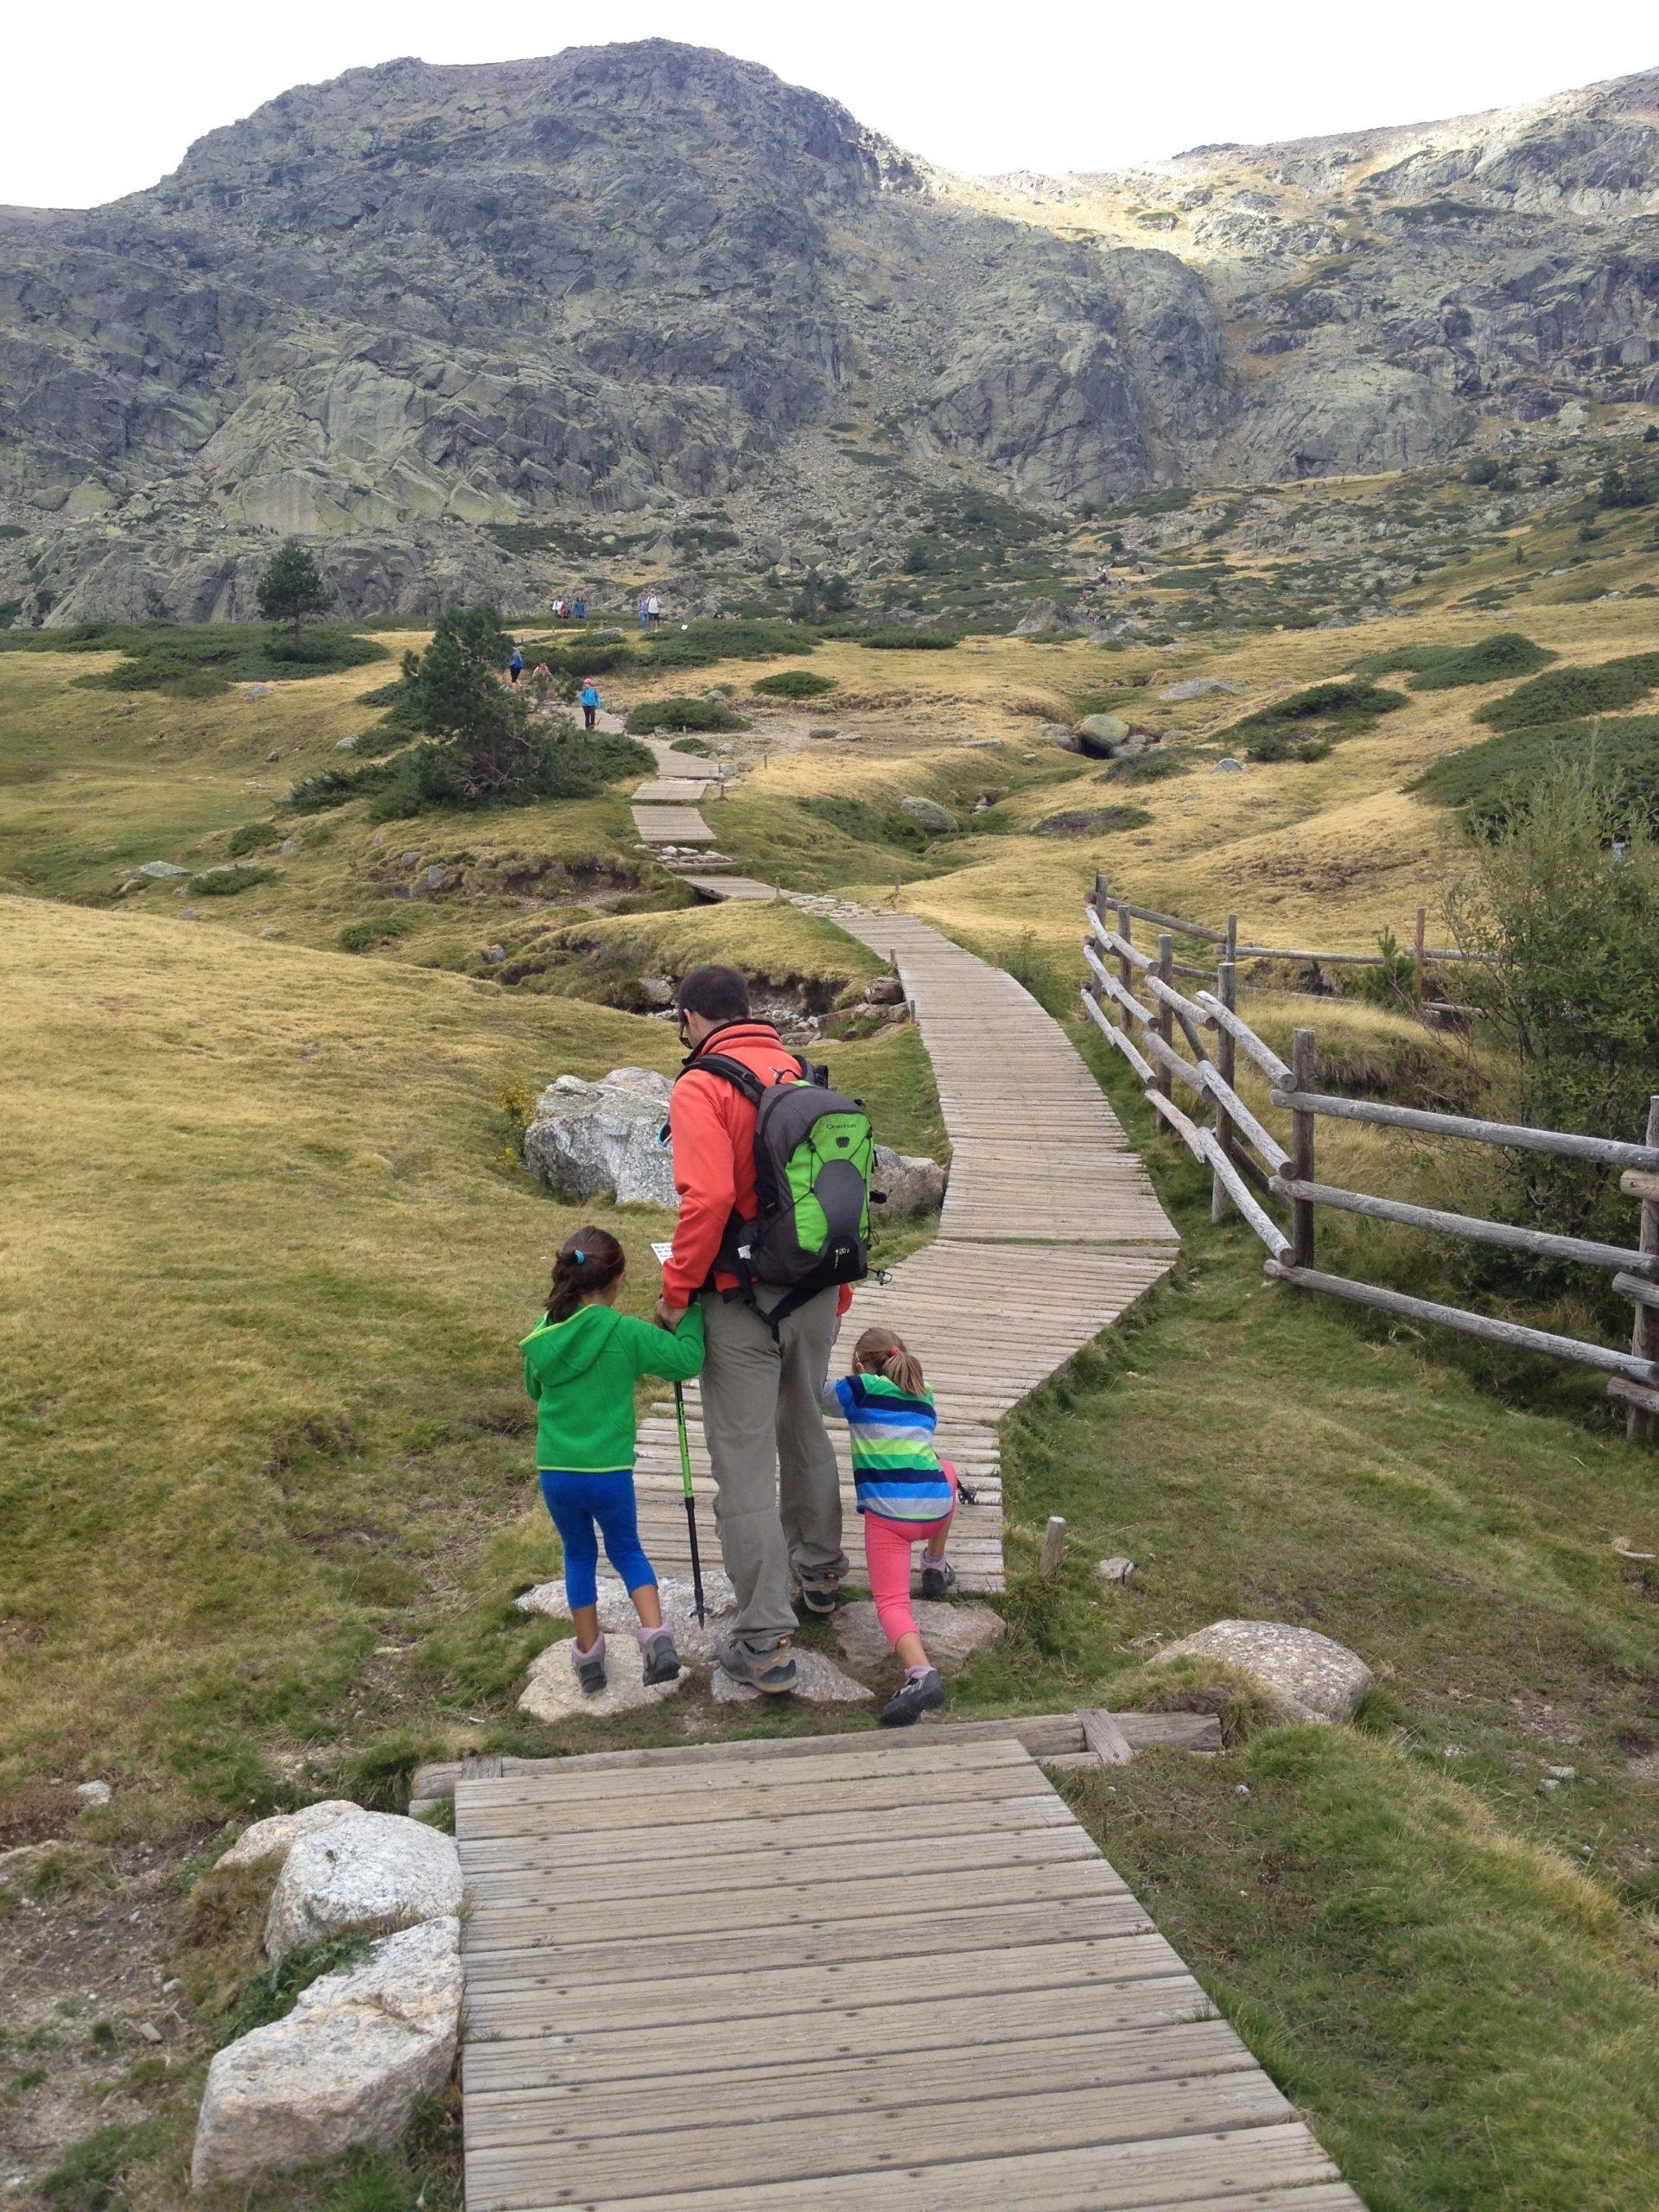 Ruta a la Laguna Grande de Peñalara con niños ® J.R. Aguirre